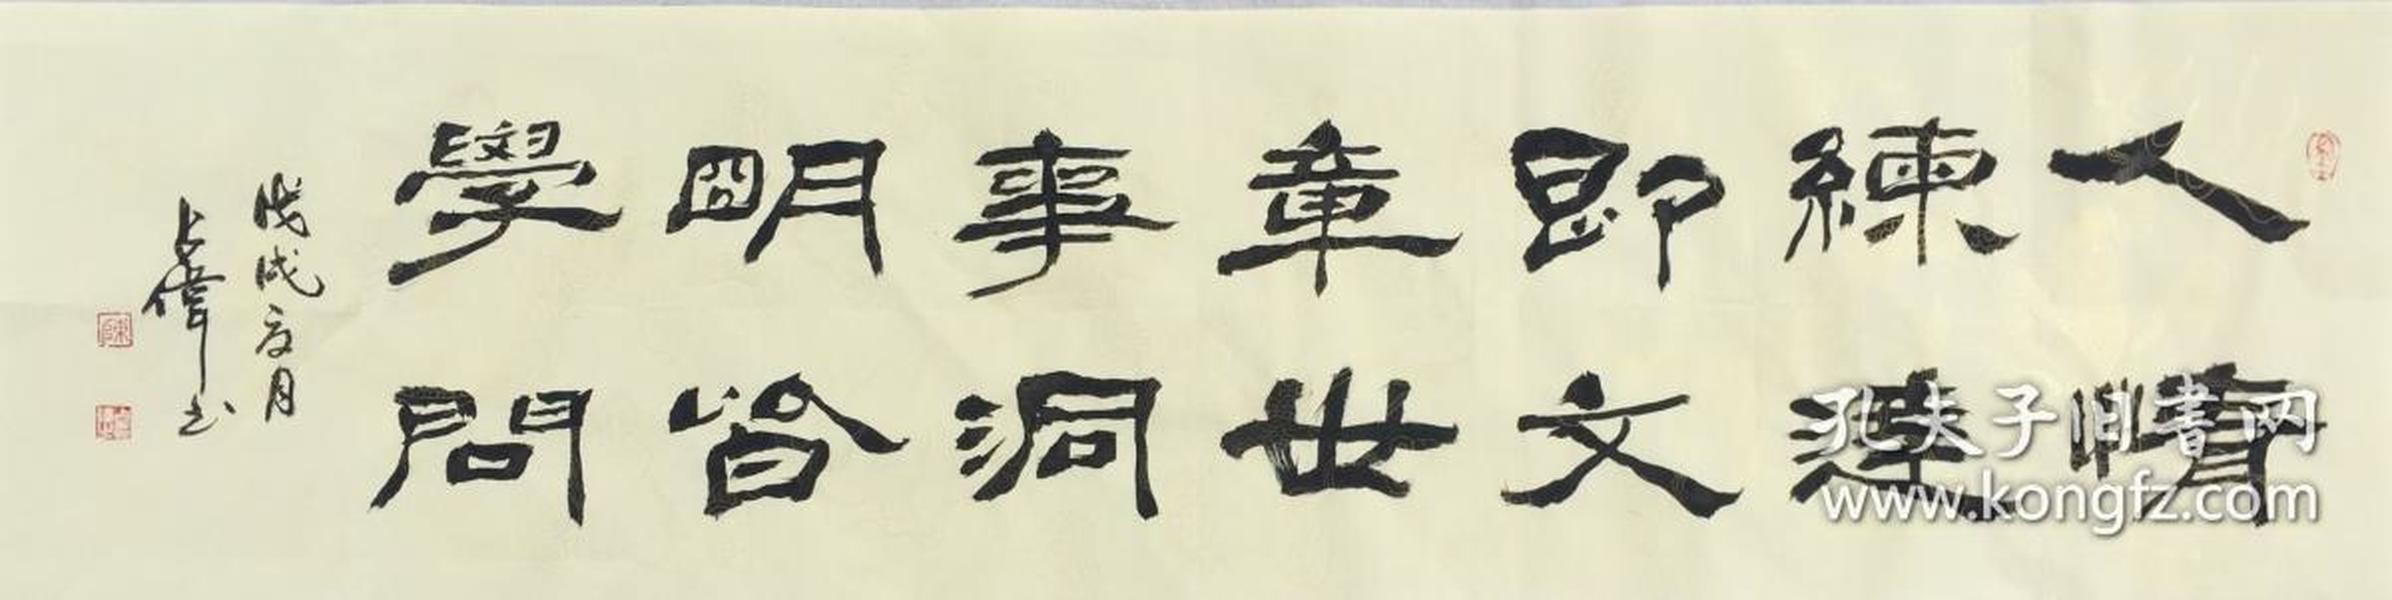 【孔网首发☆低价惠友】L-03河南书法名家凌啸先生精品书法作品1件(保真)